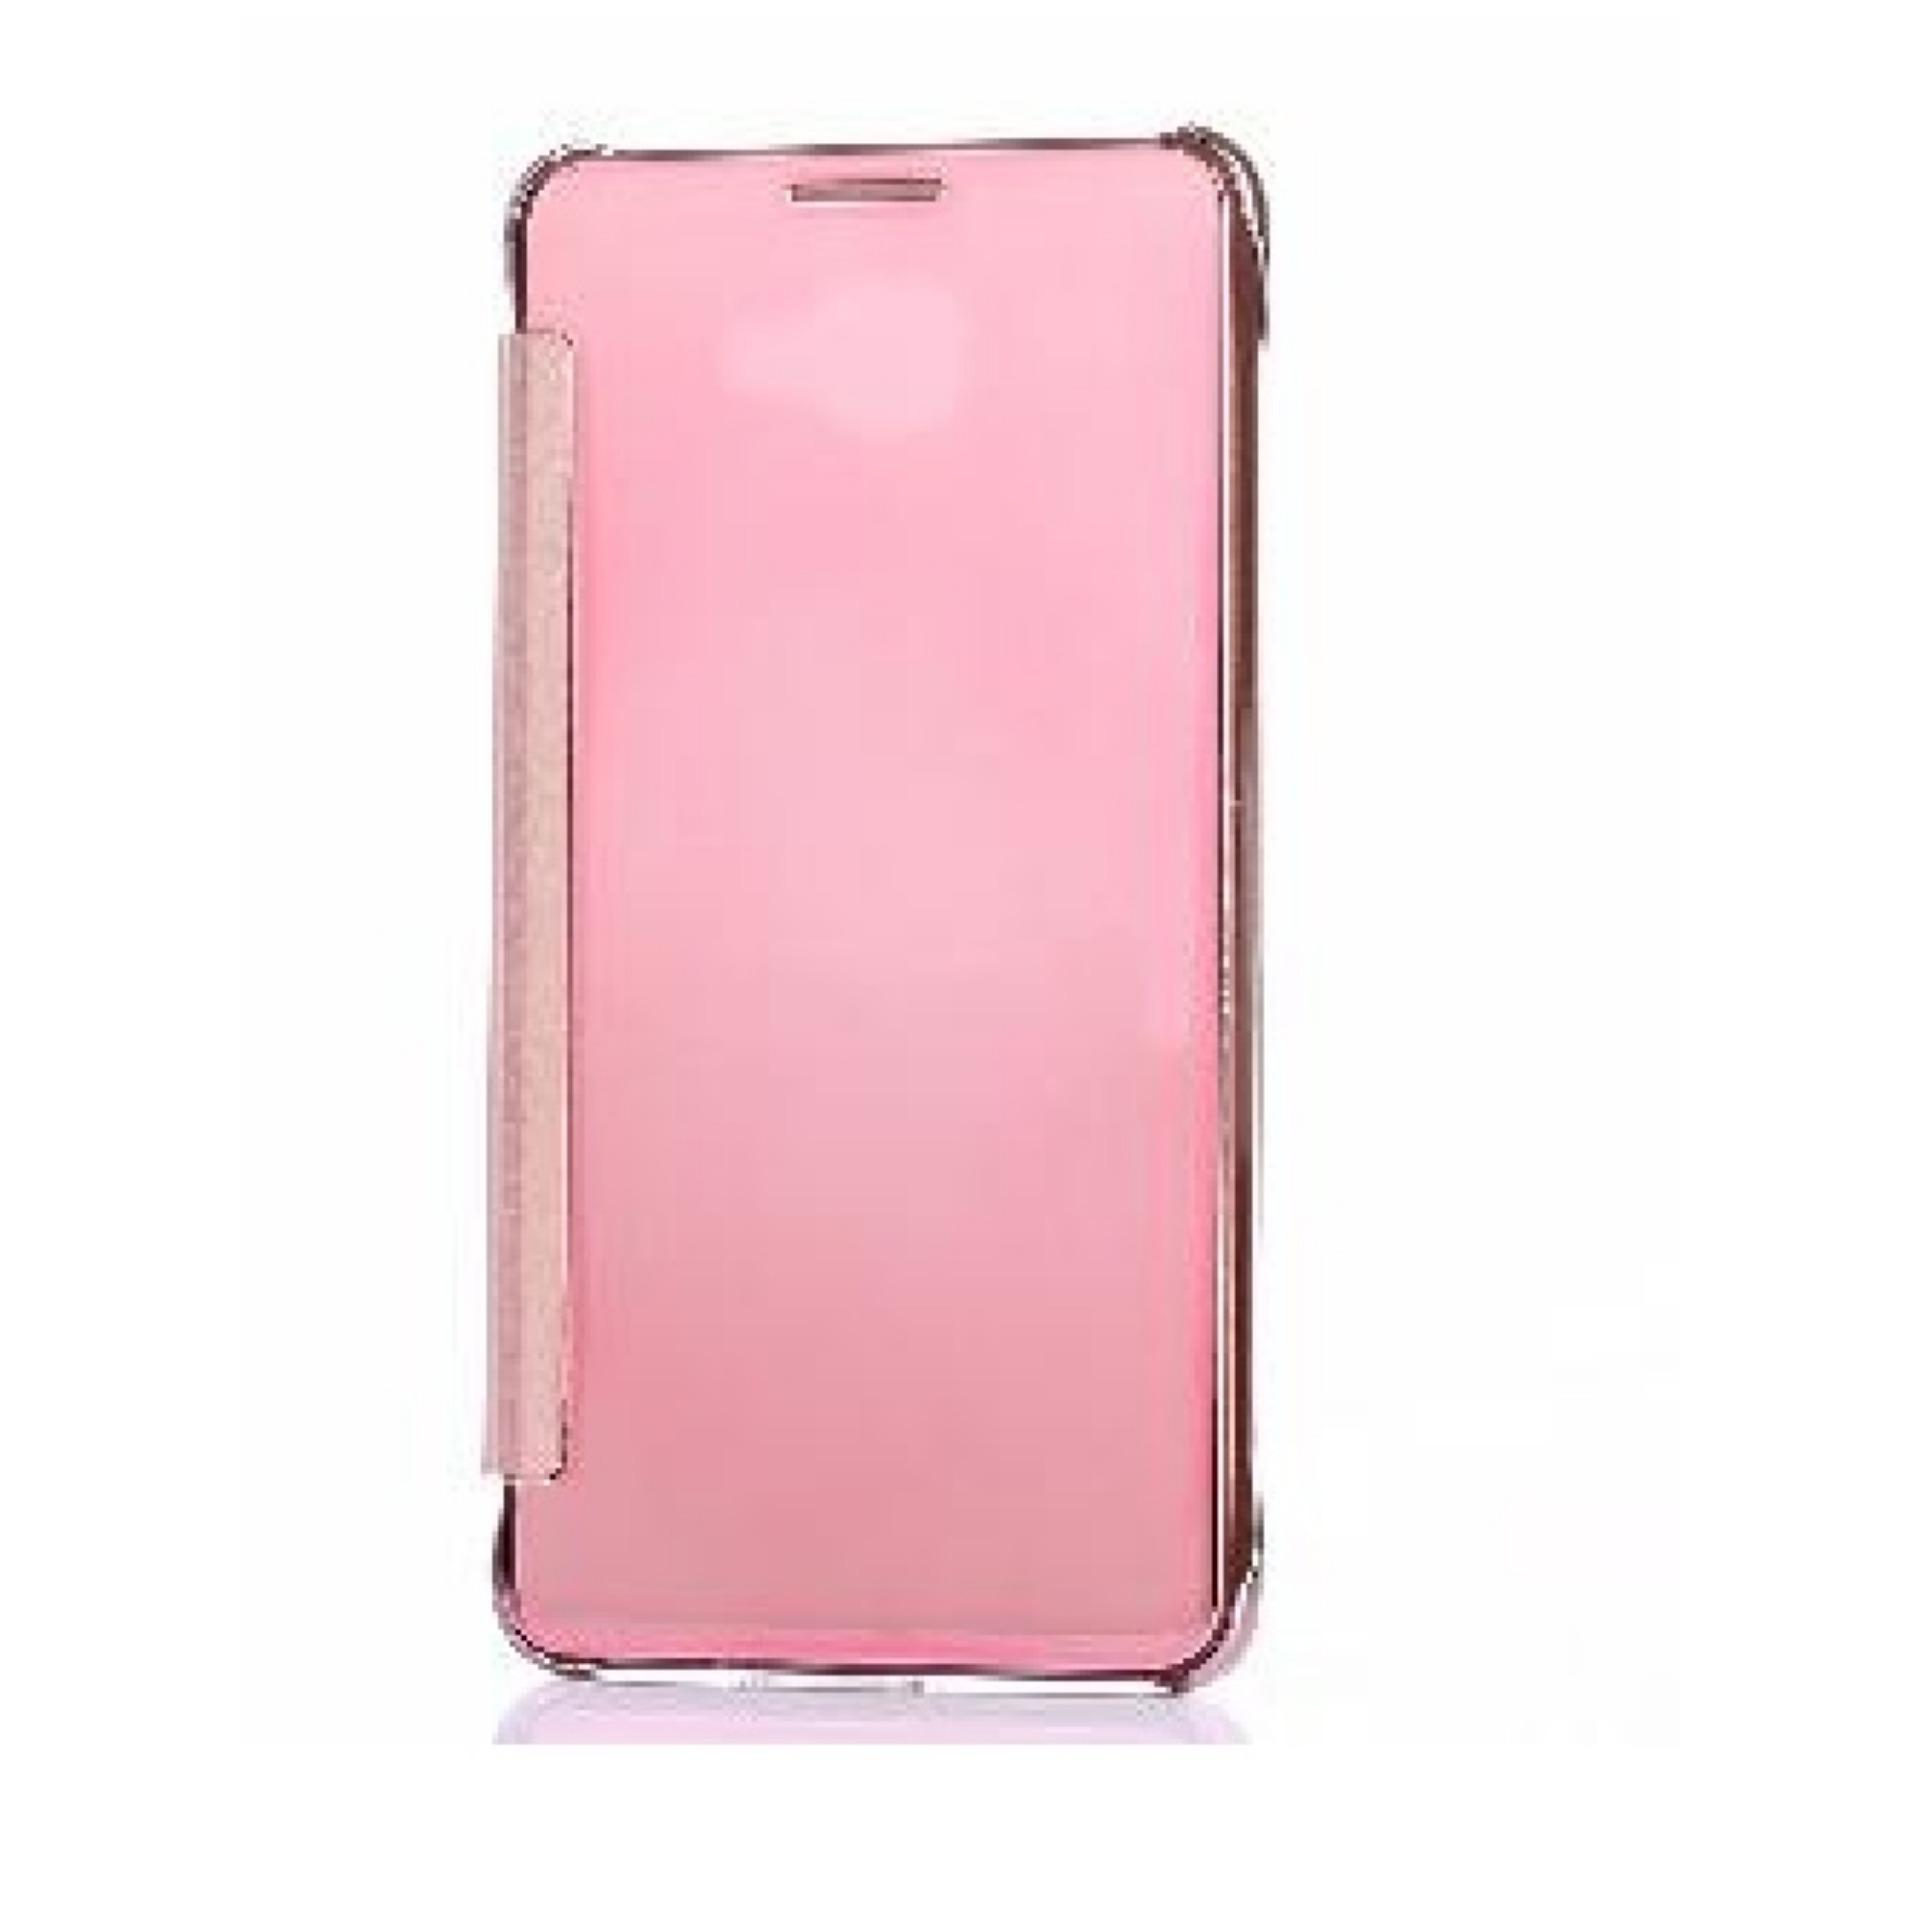 ... Case Chanel Executive Samsung Galaxy A7 2017 (A720) Flipcase FlipMirror Cover S View Transparan ...